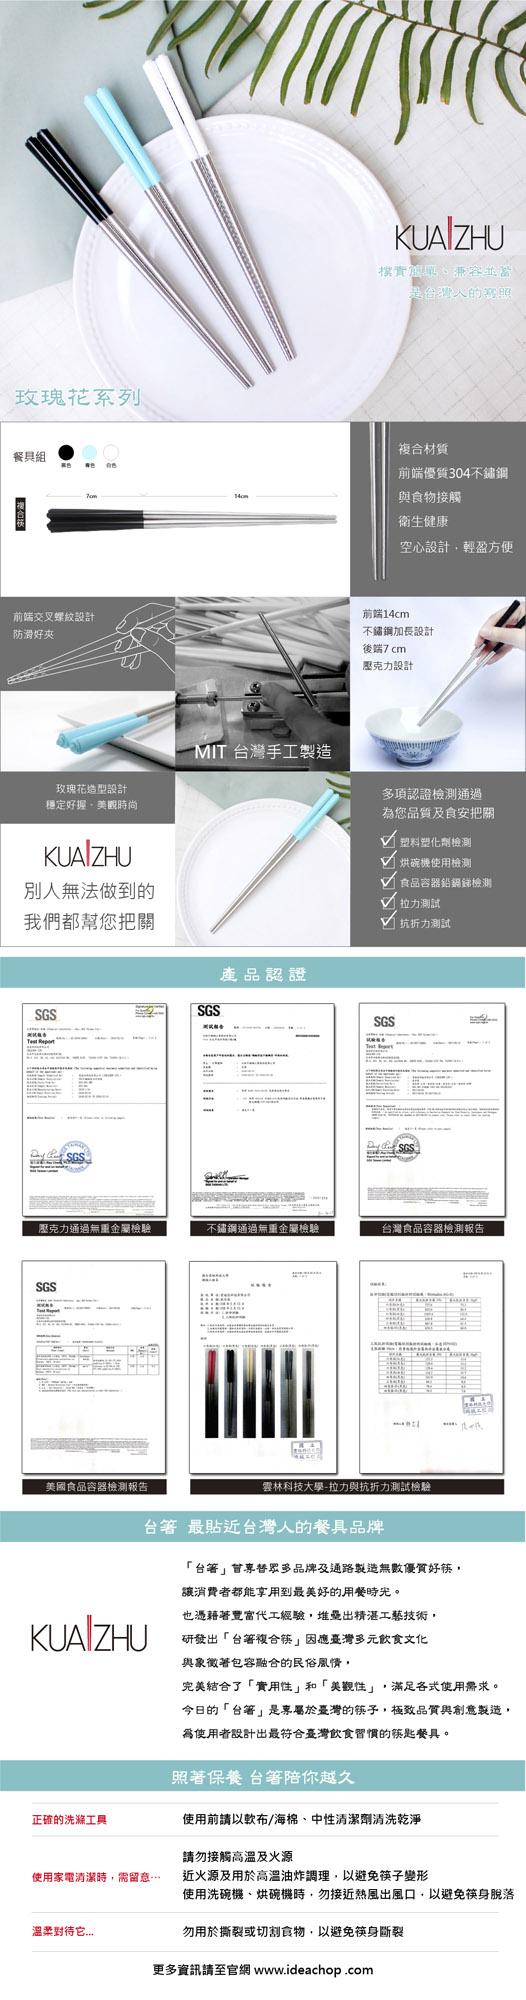 台箸KUAI ZHU|花瓣不銹鋼筷5入(天空青)